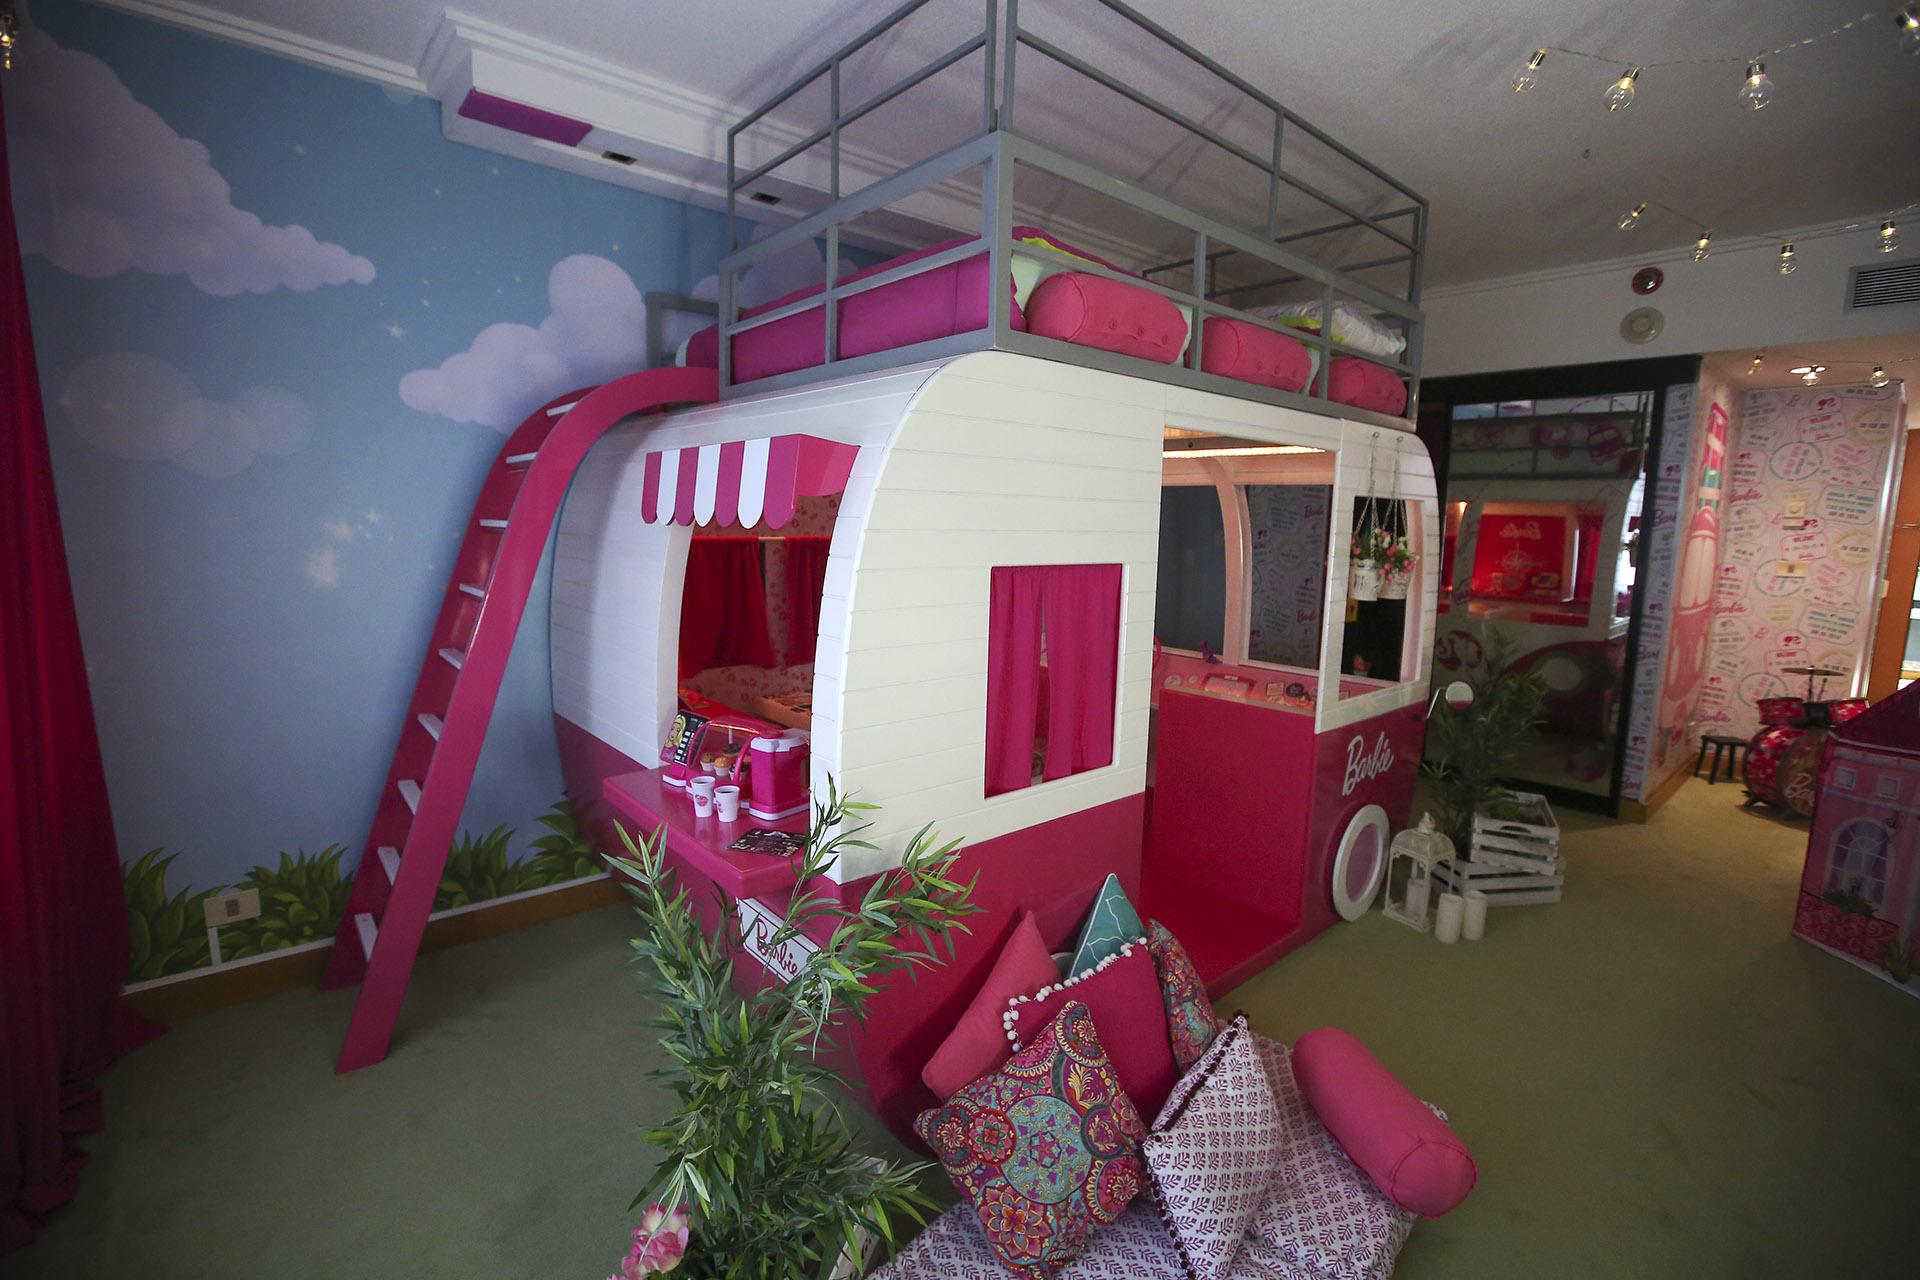 El camper de lujo con cama incluida en la parte superior refleja el espíritu viajero de la muñeca